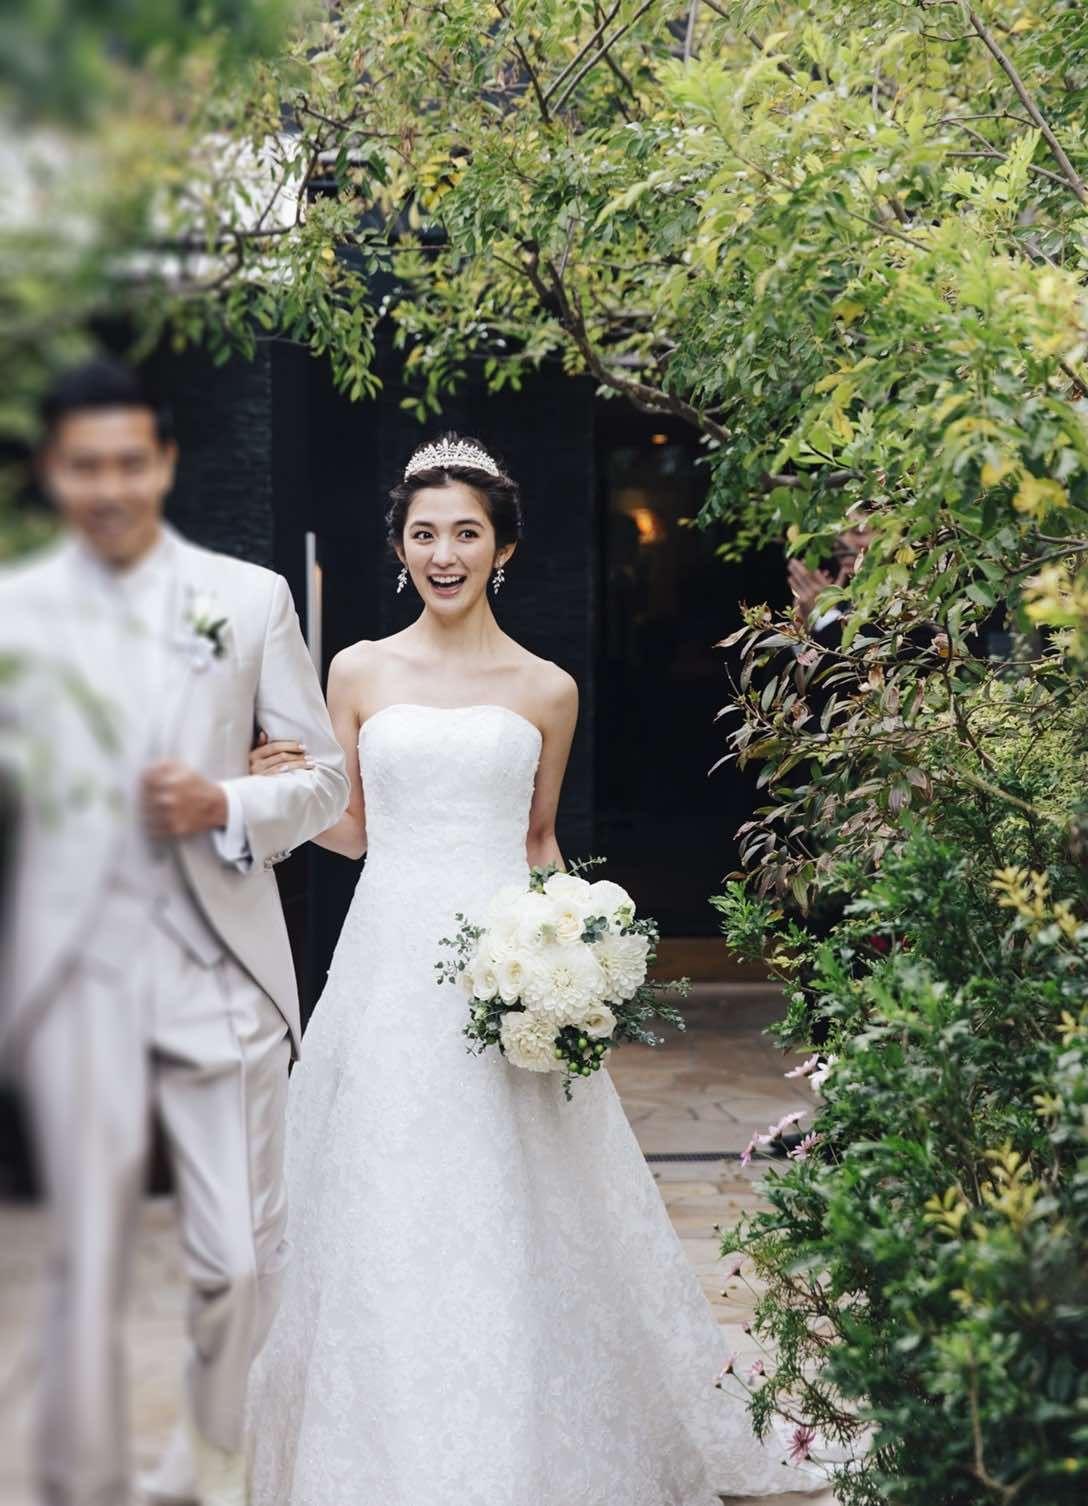 モデル 片桐ゆたか 結婚式を挙げるまでのマイルール10 ウェディングドレス ウェディング 挙式